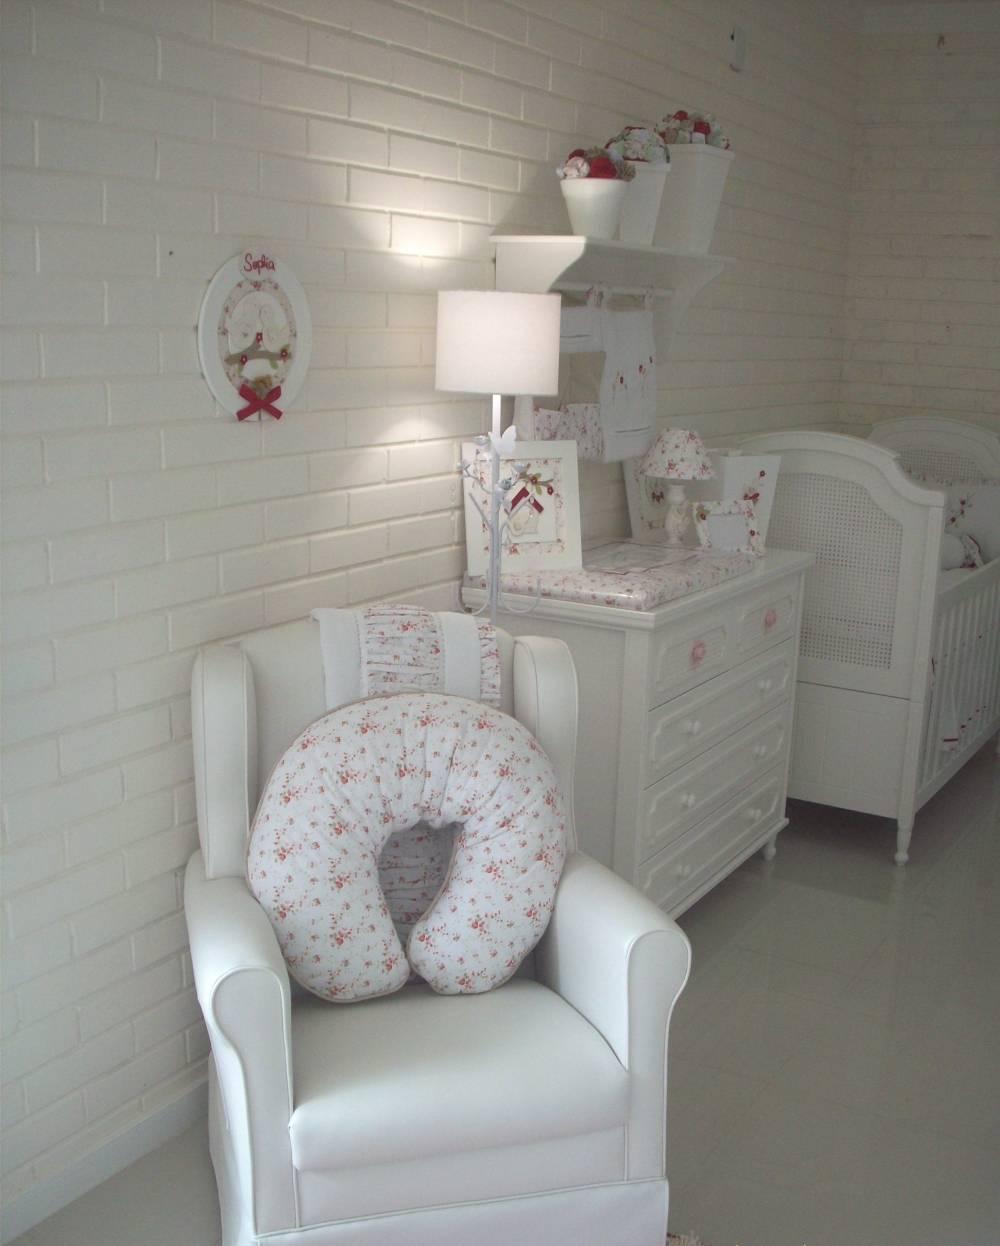 Decoração de Quarto de Bebê em Apartamento Pequeno em Santa Cecília - Decoração Quartos de Bebê em Guarulhos